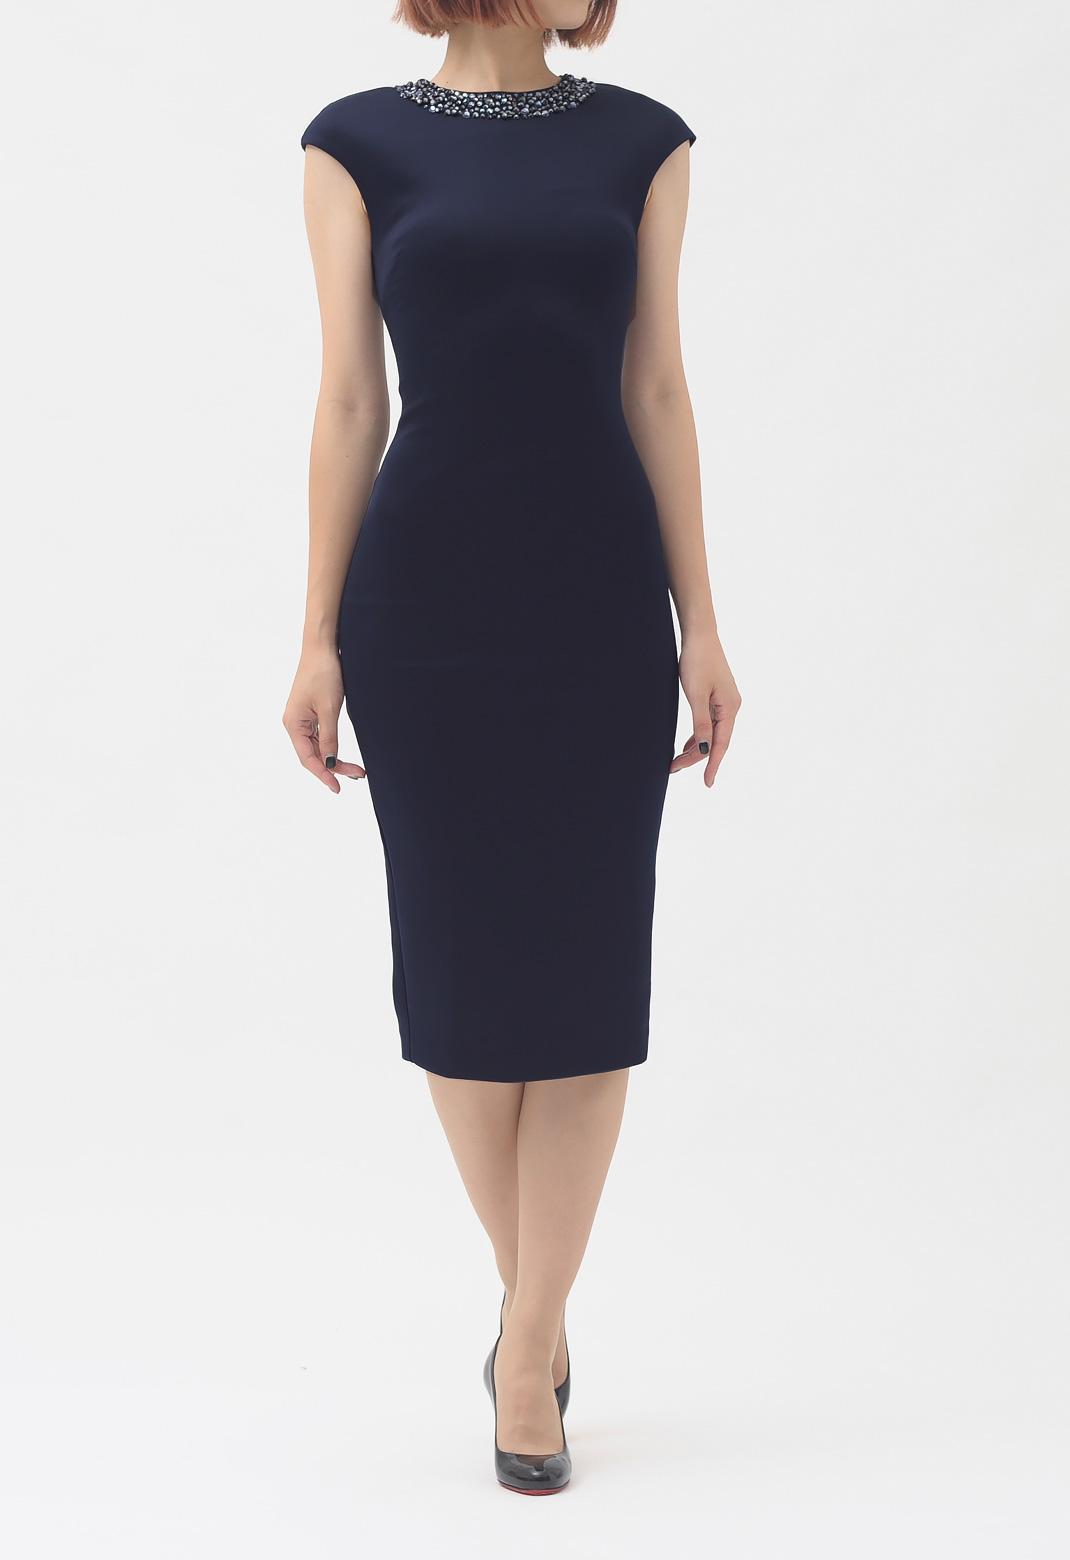 ネックビジュー飾り 半袖 ドレス